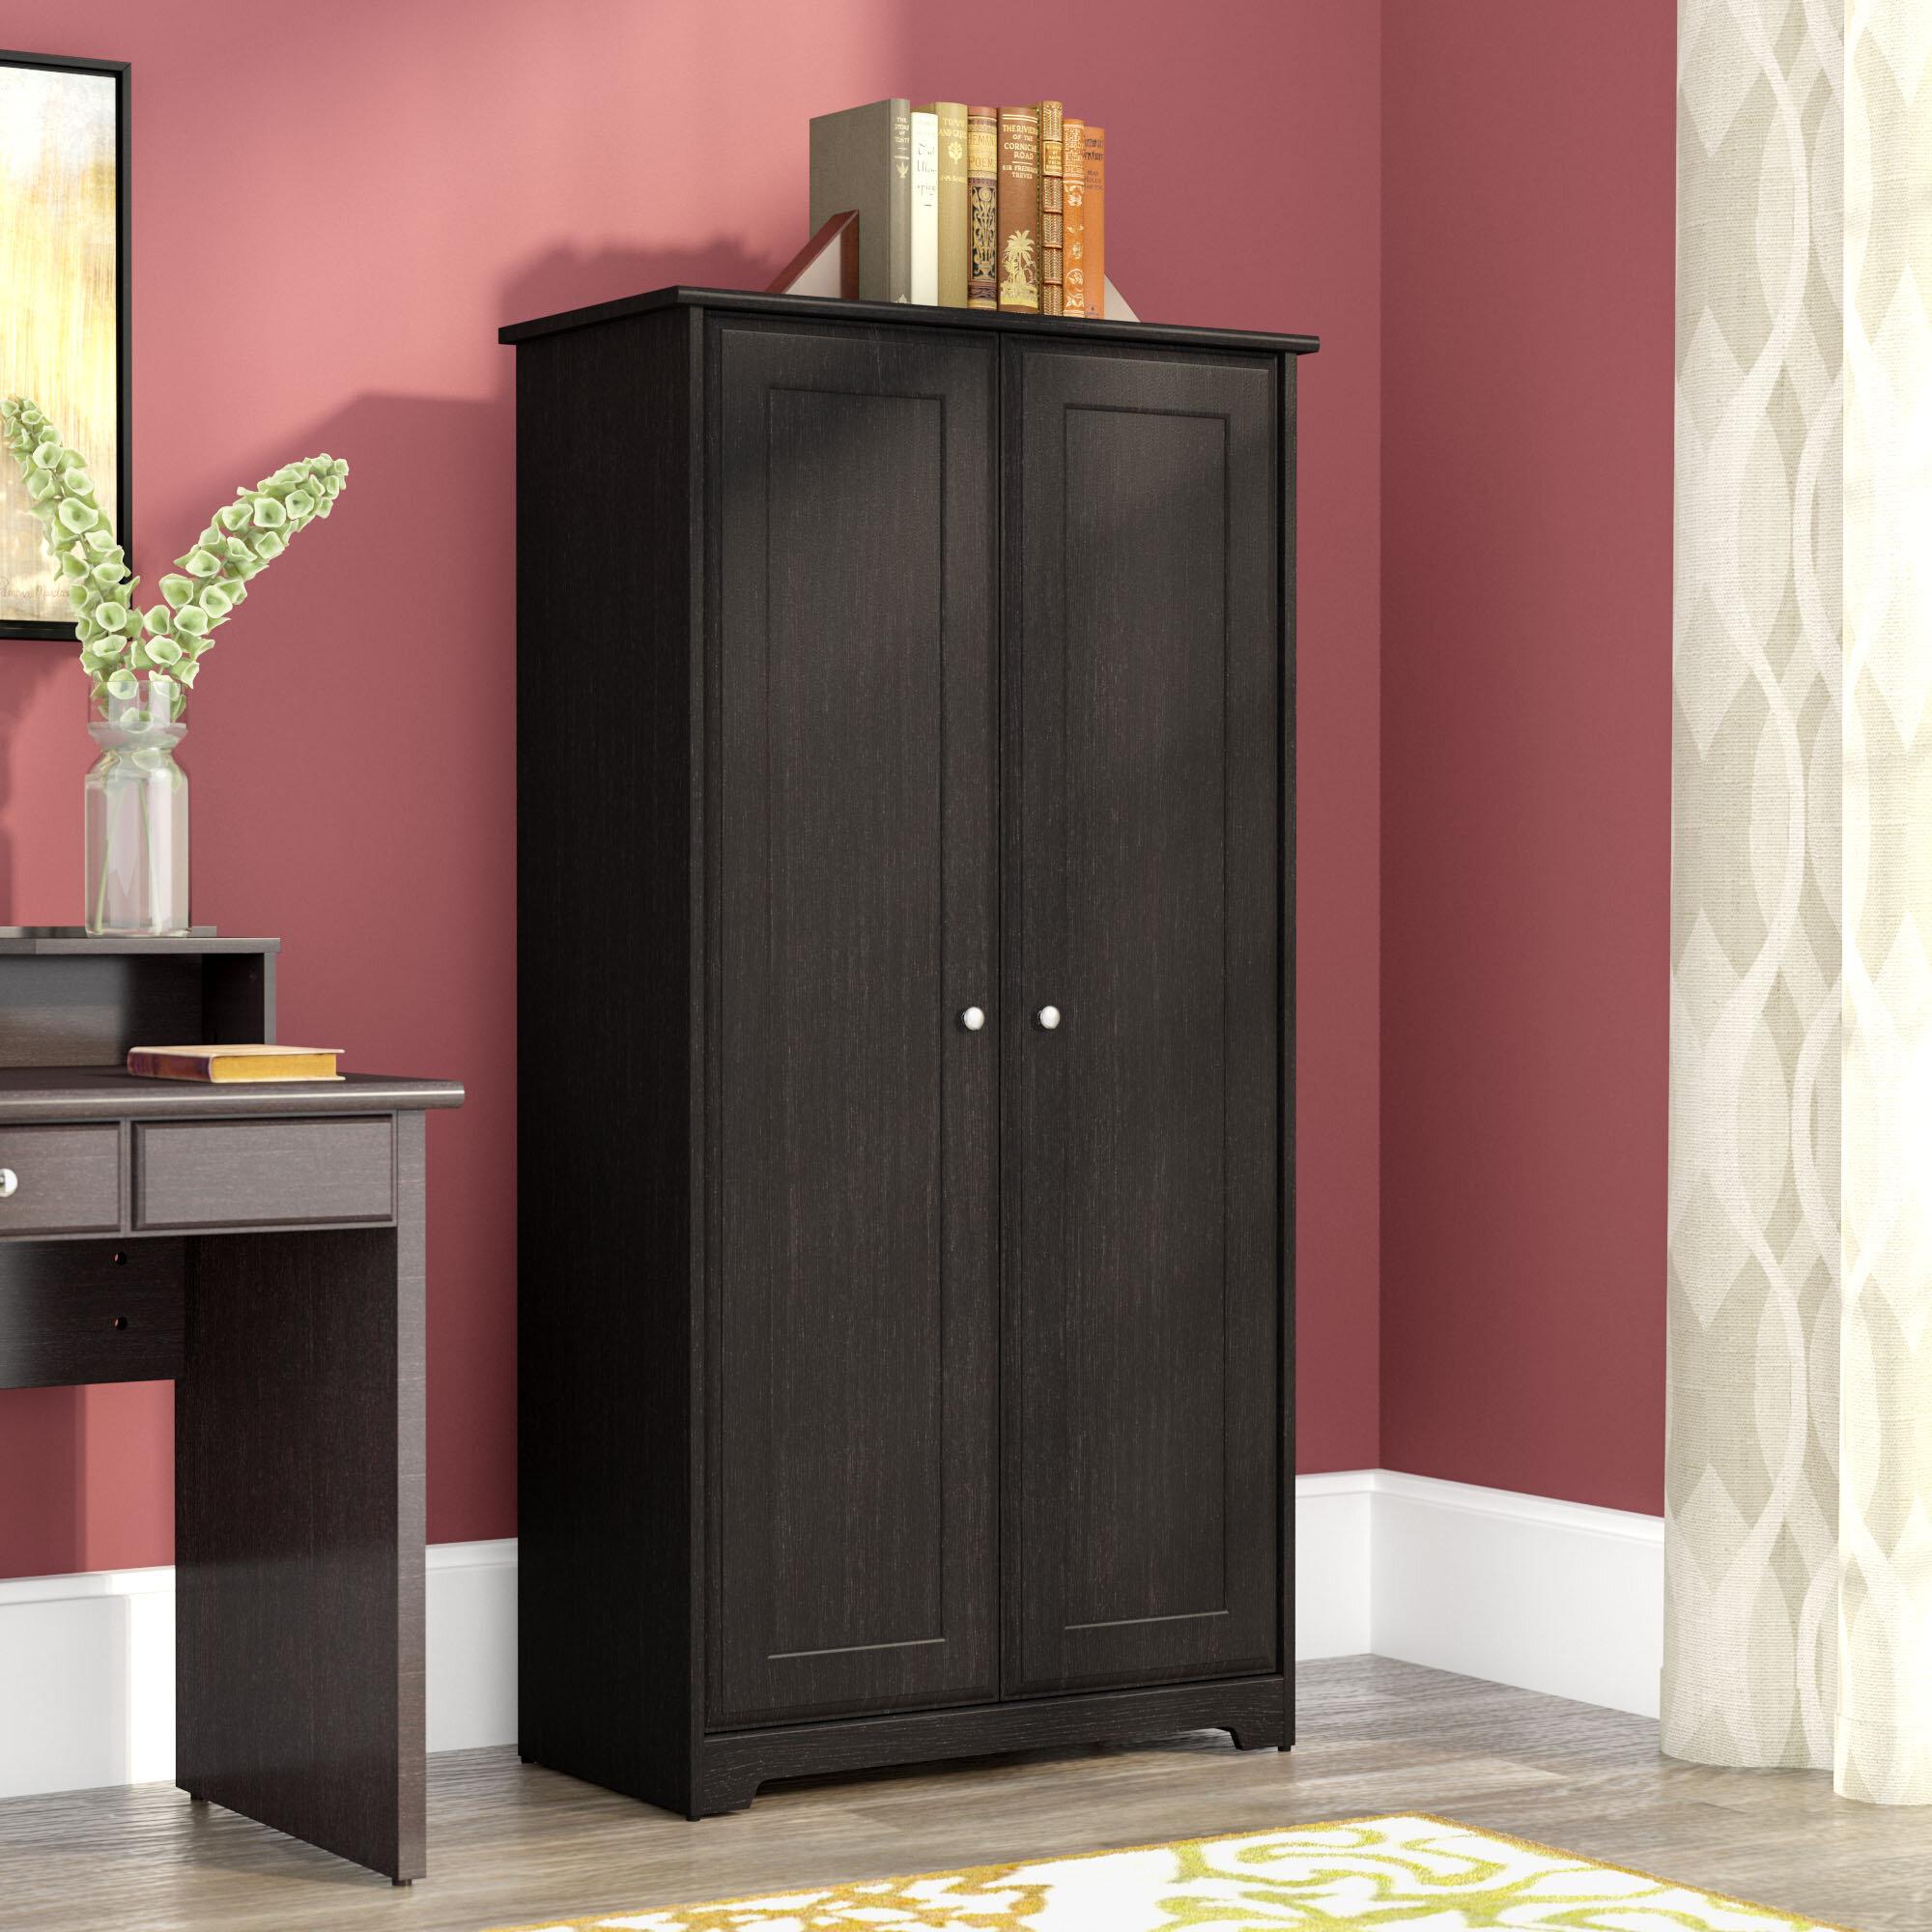 Lovely Red Barrel Studio Hillsdale 2 Door Storage Cabinet U0026 Reviews | Wayfair